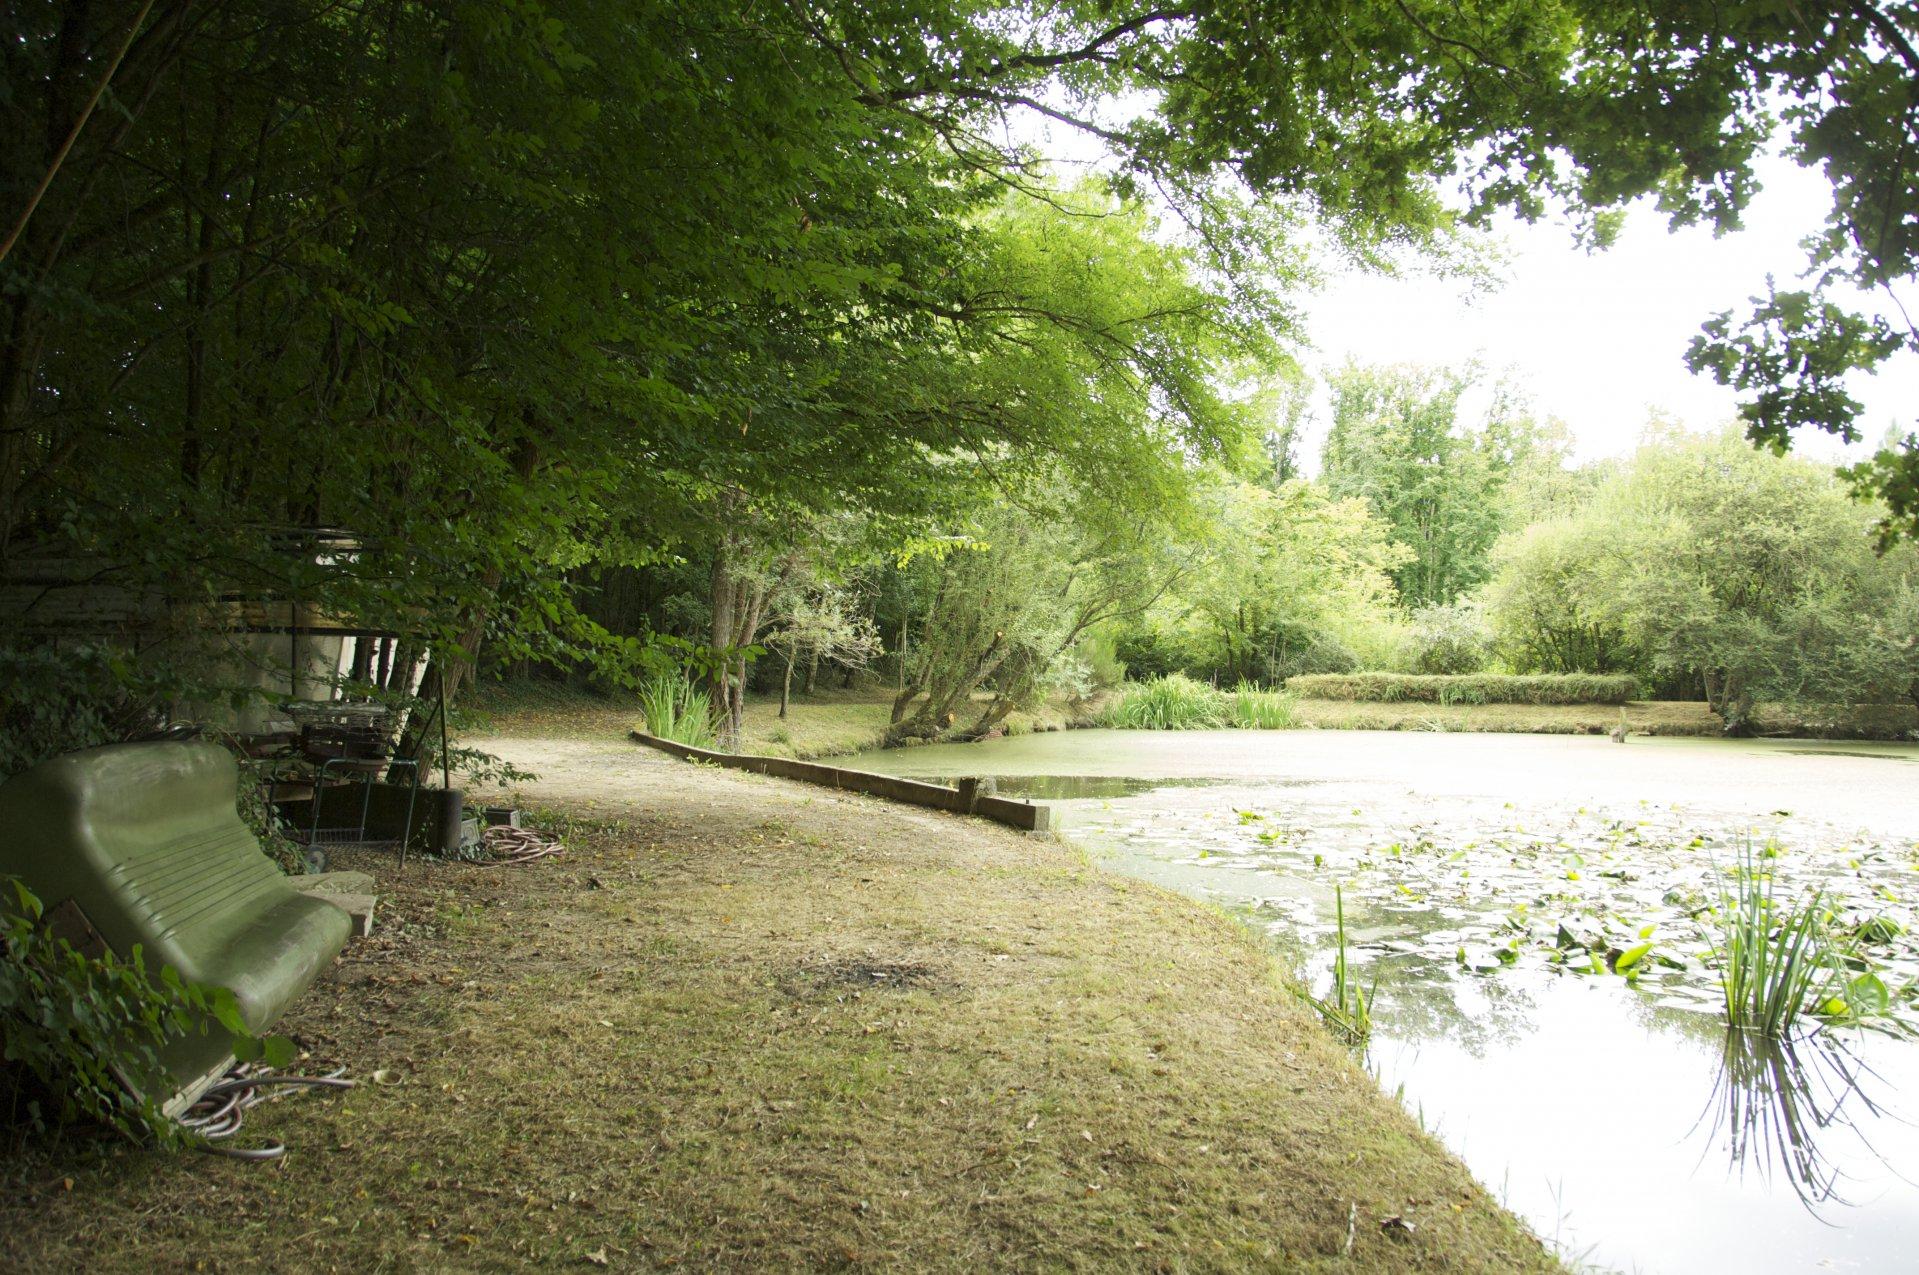 Terrain de loisir avec étang - Brèches